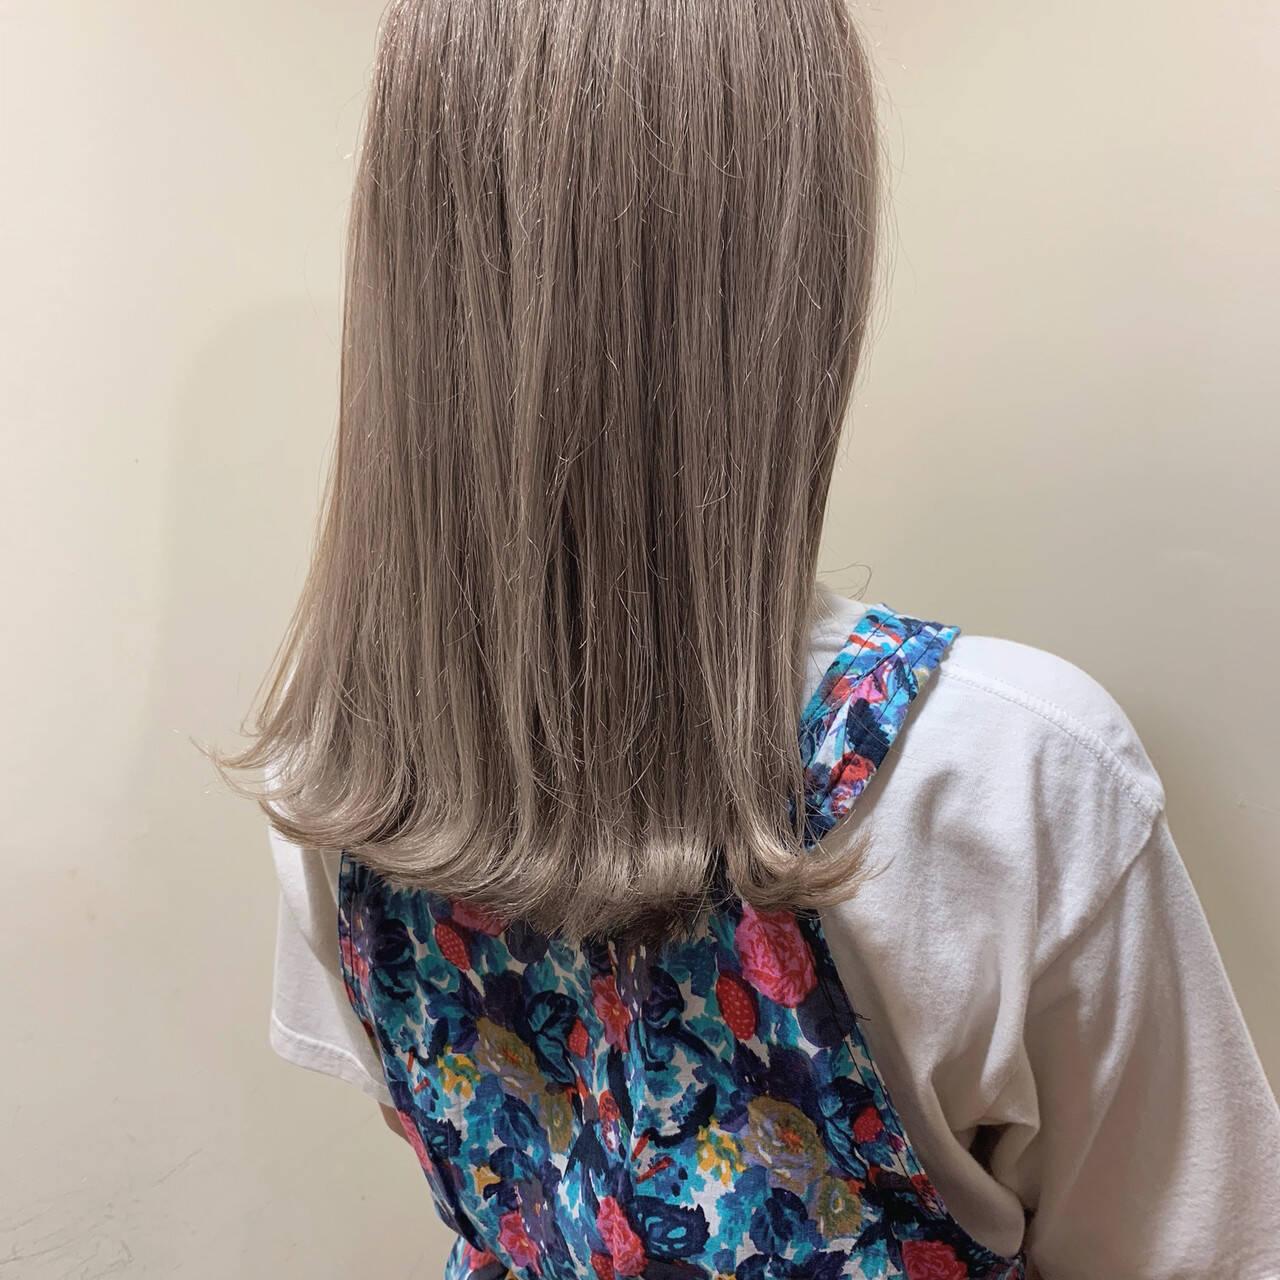 バレイヤージュ ミディアム 簡単ヘアアレンジ ブリーチカラーヘアスタイルや髪型の写真・画像